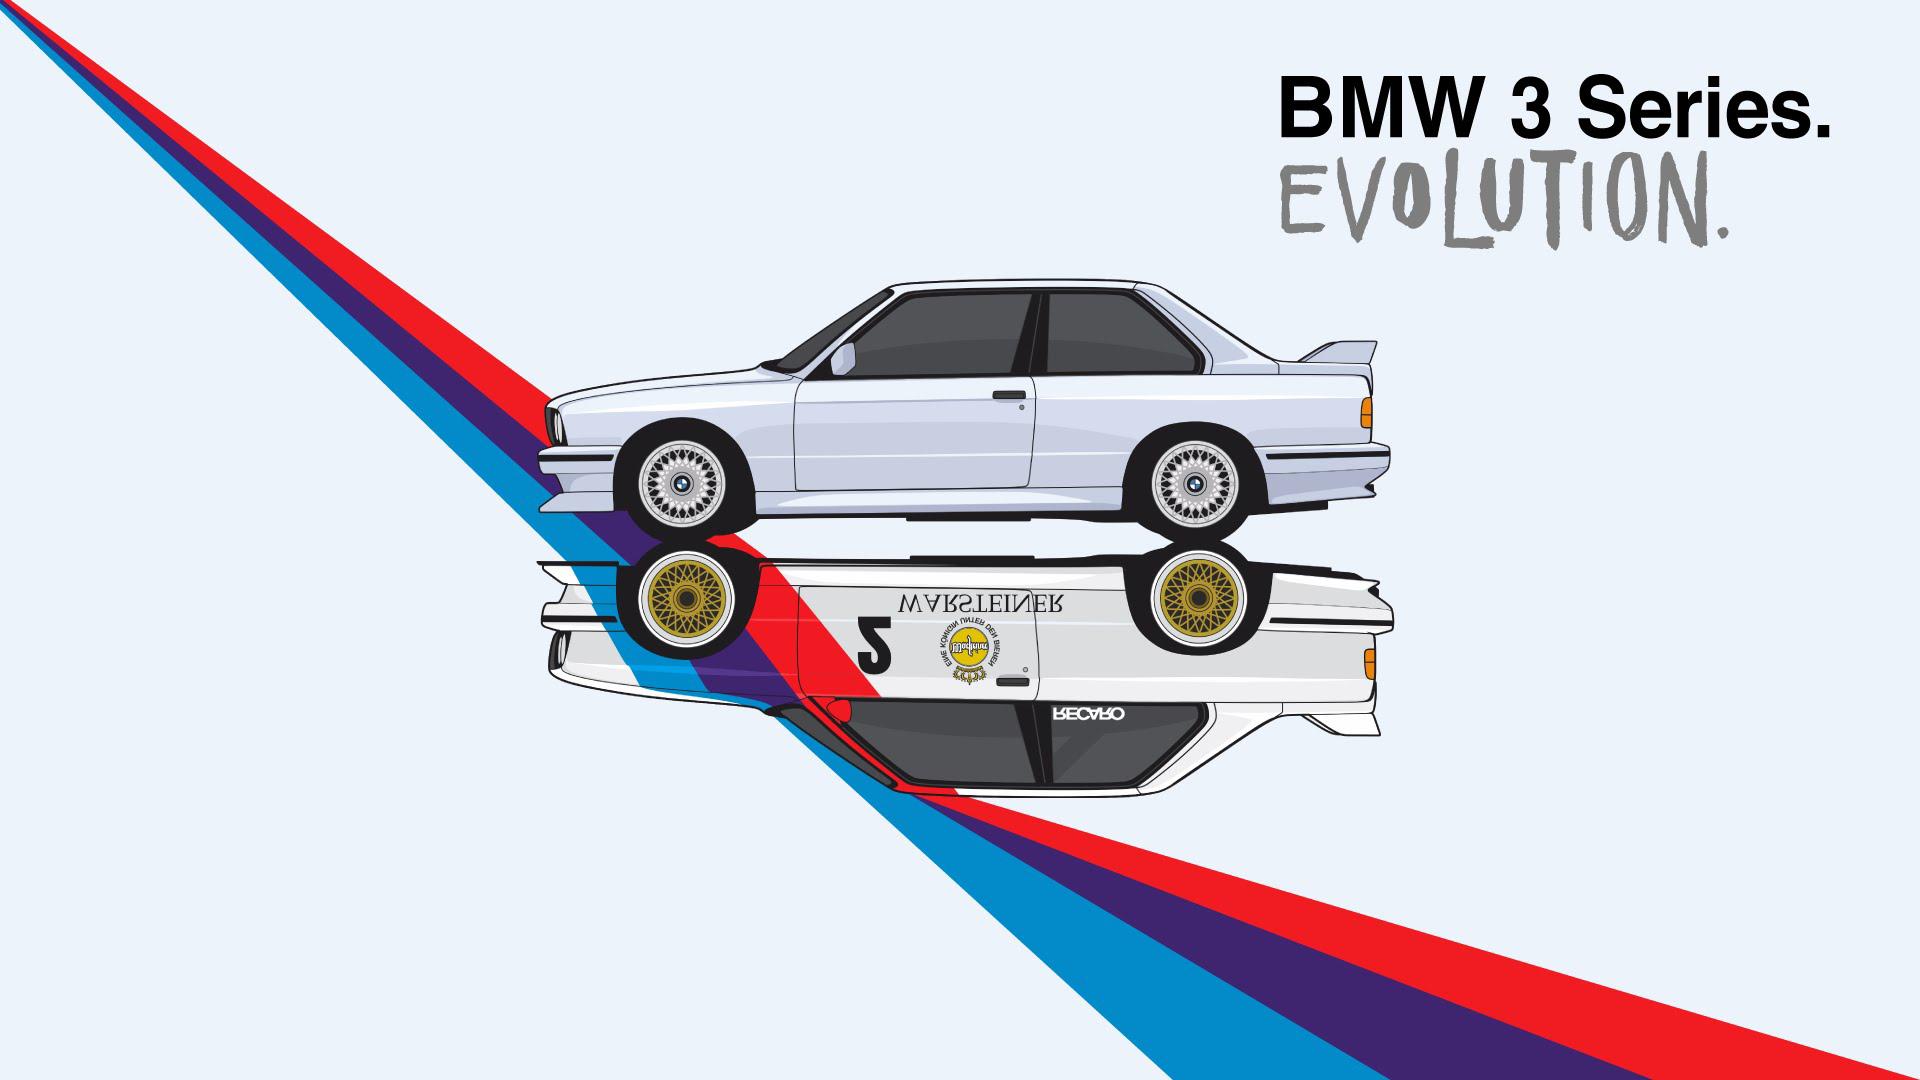 La Evolución Del BMW Serie 3 En Un Minuto Y Medio. ¿Con Cuál Os Quedáis?